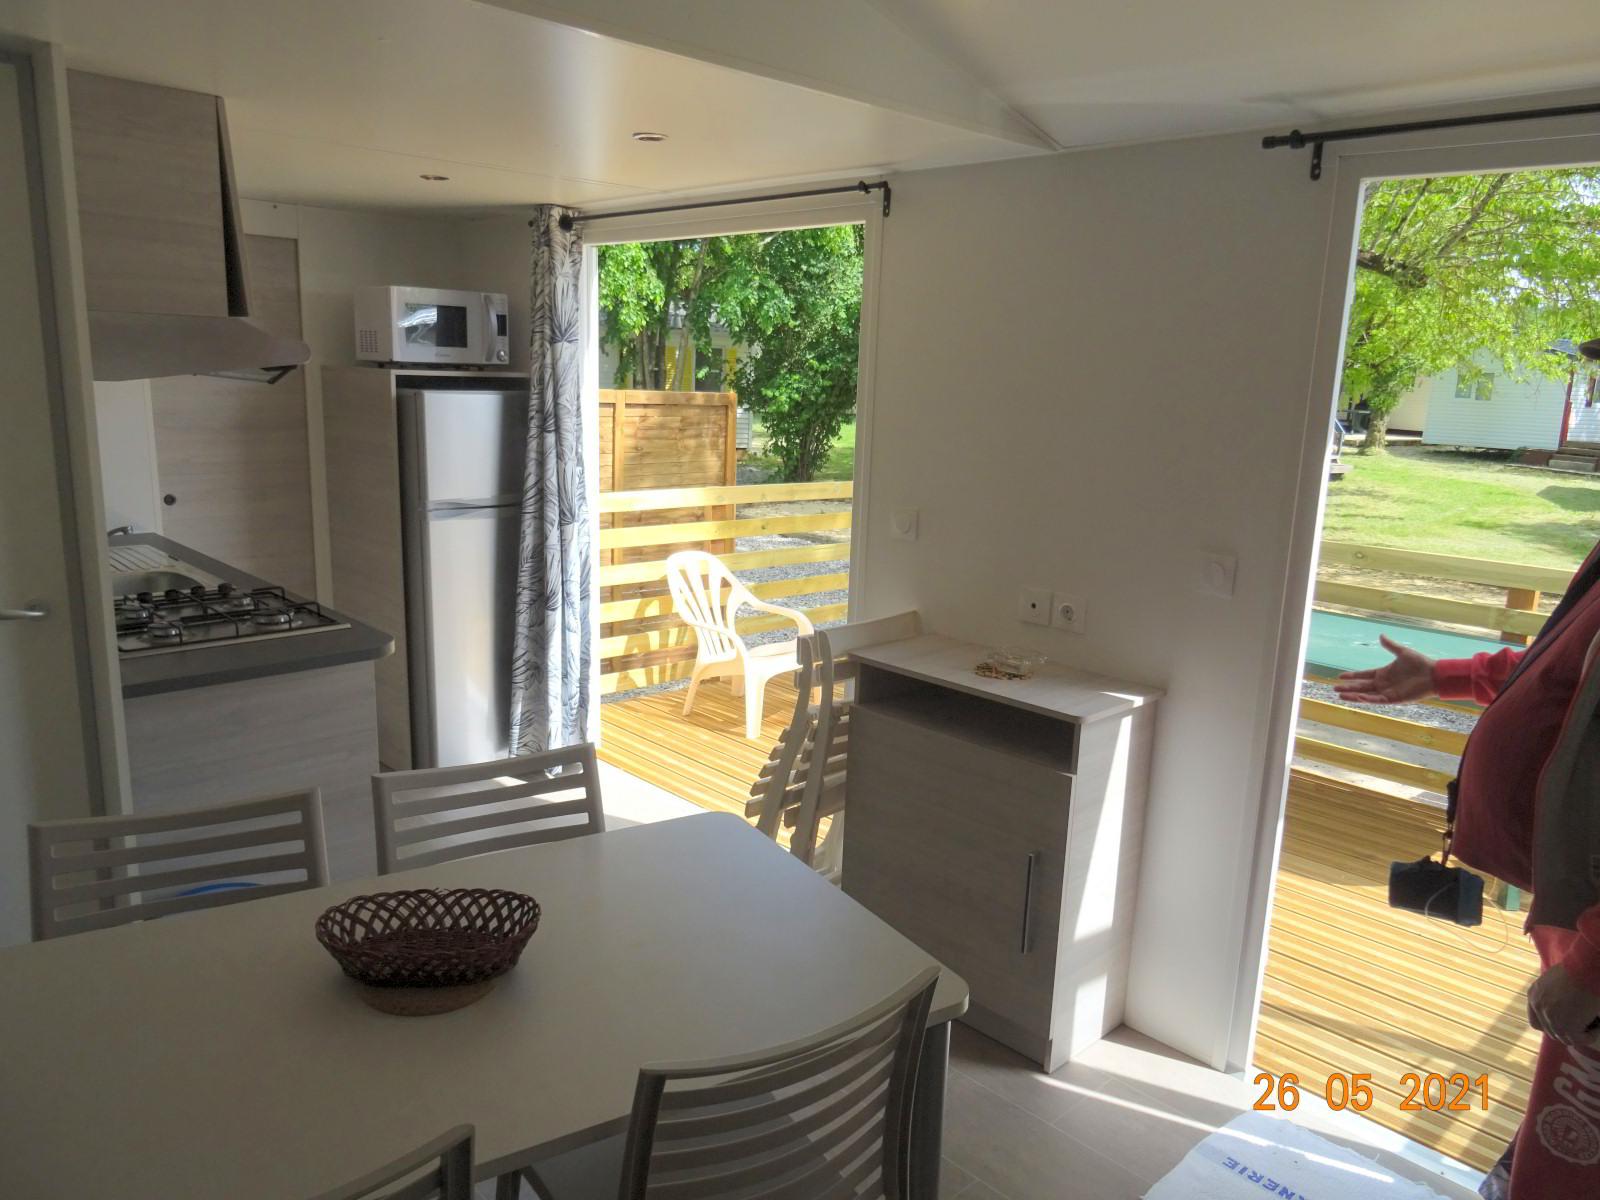 Wohnzimmer und französisches Fenster zur Terrasse, neues Mobilheim mit 2 Schlafzimmern